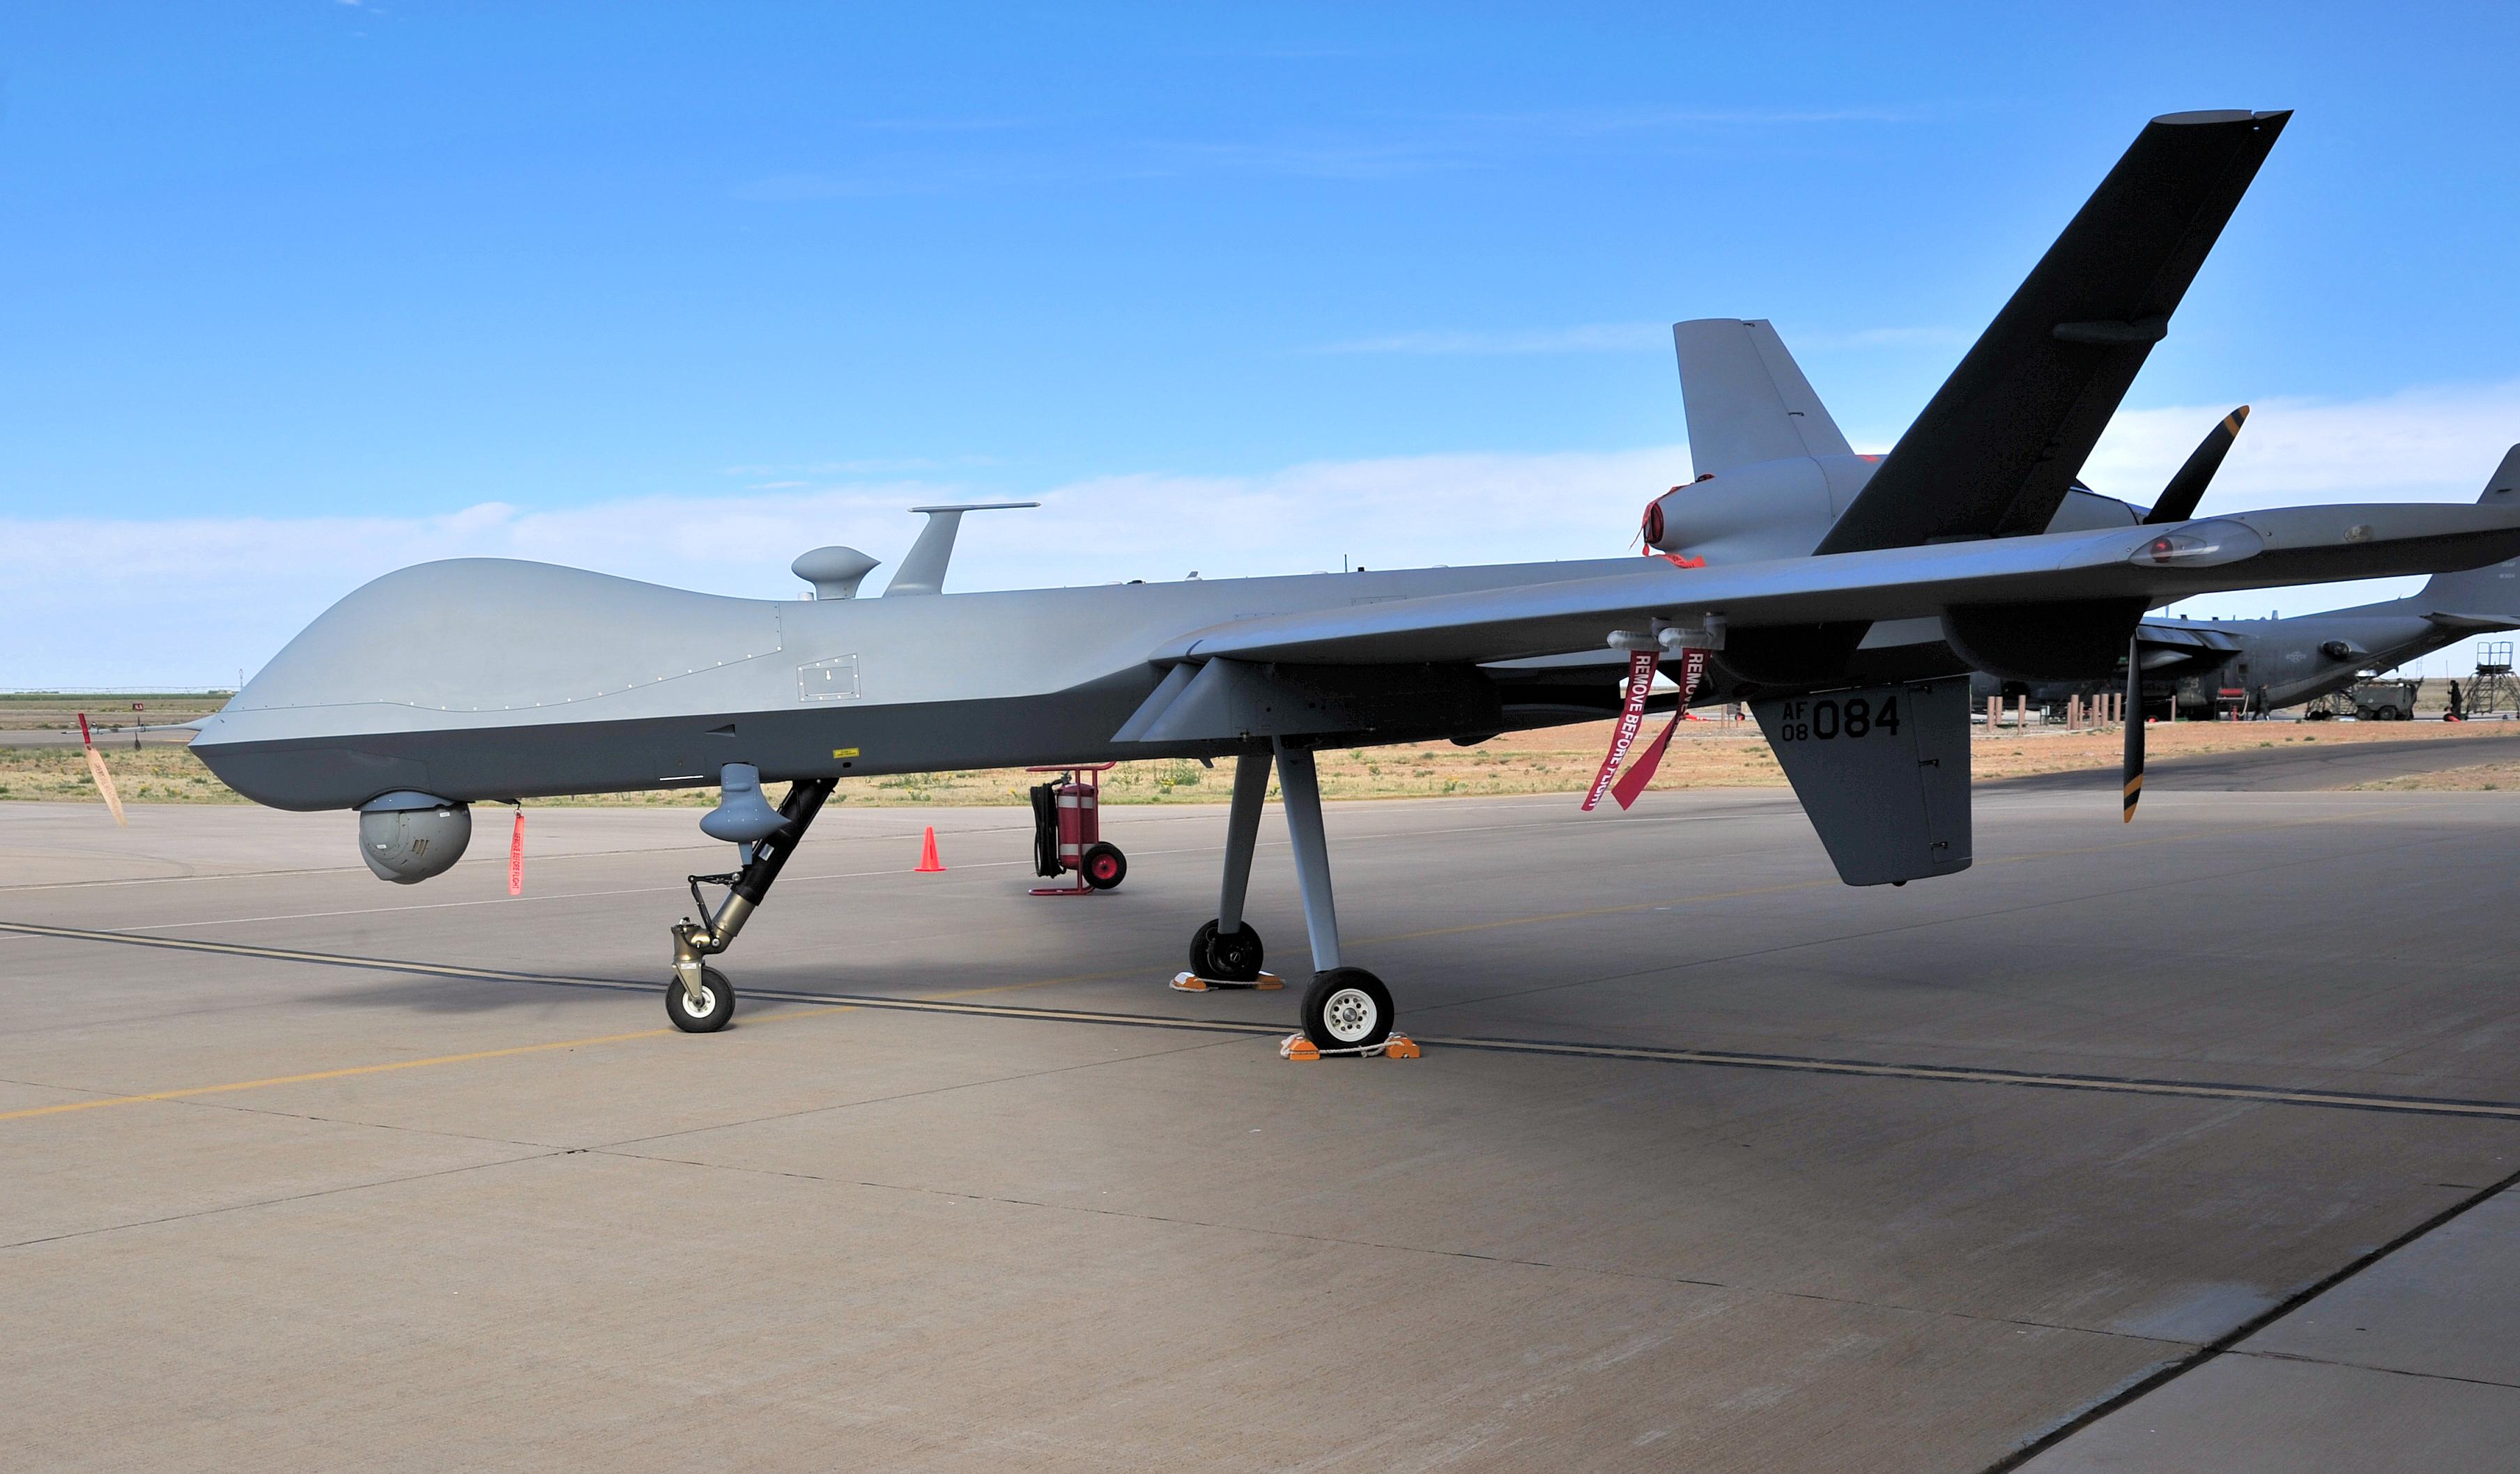 Un dron MQ-9 Reaper no tripulado